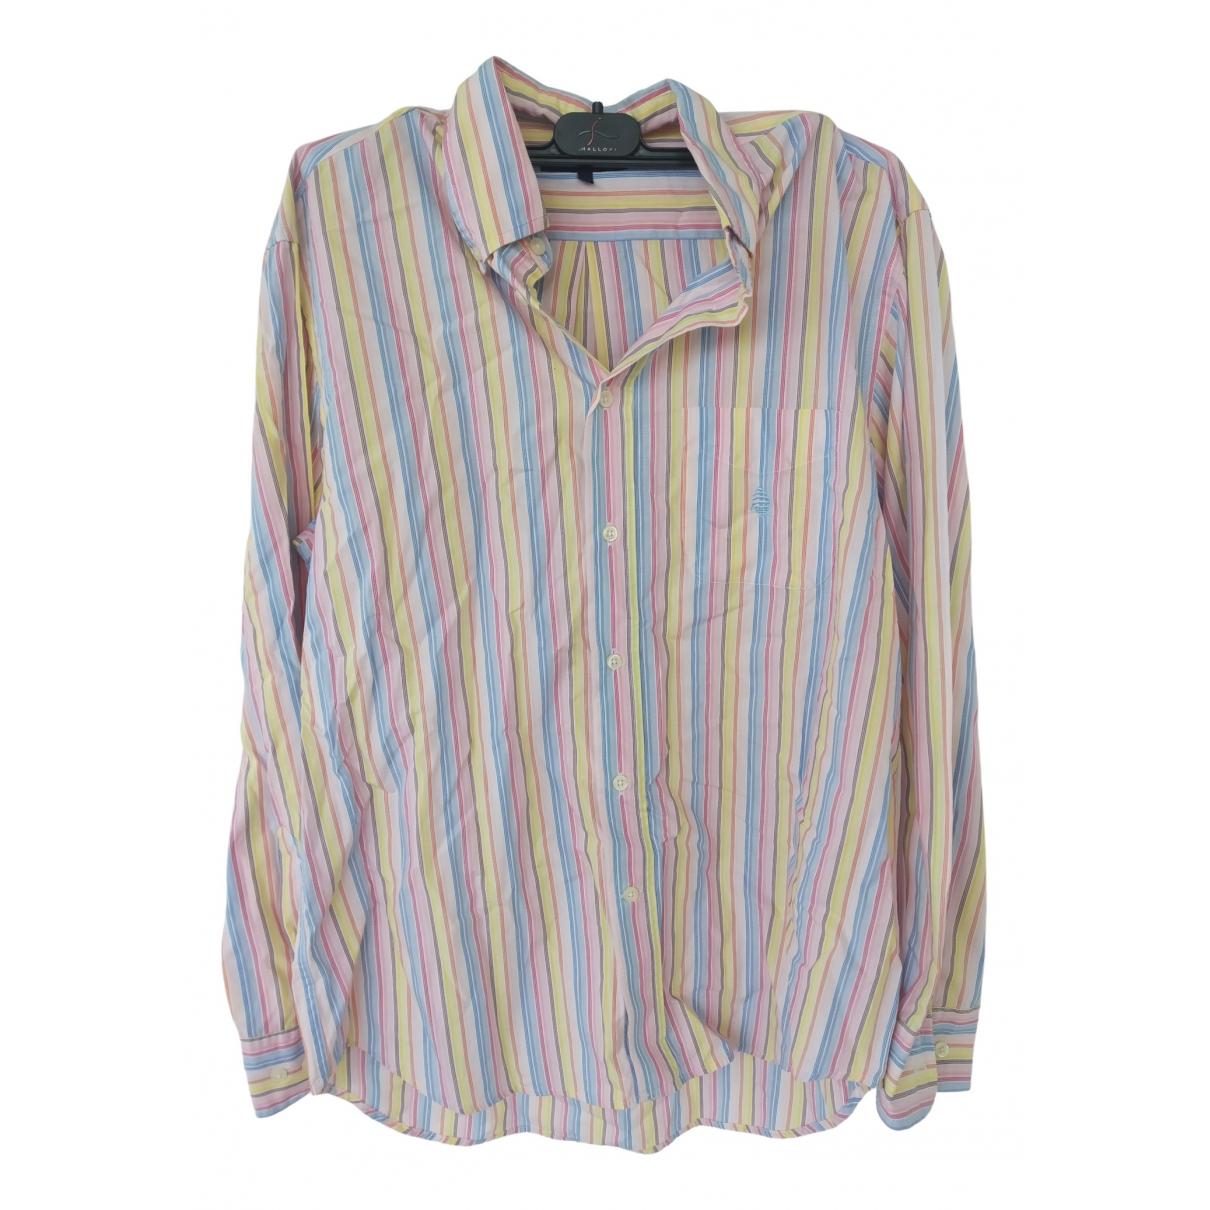 Marina Yachting N Multicolour Cotton Shirts for Men 39 EU (tour de cou / collar)